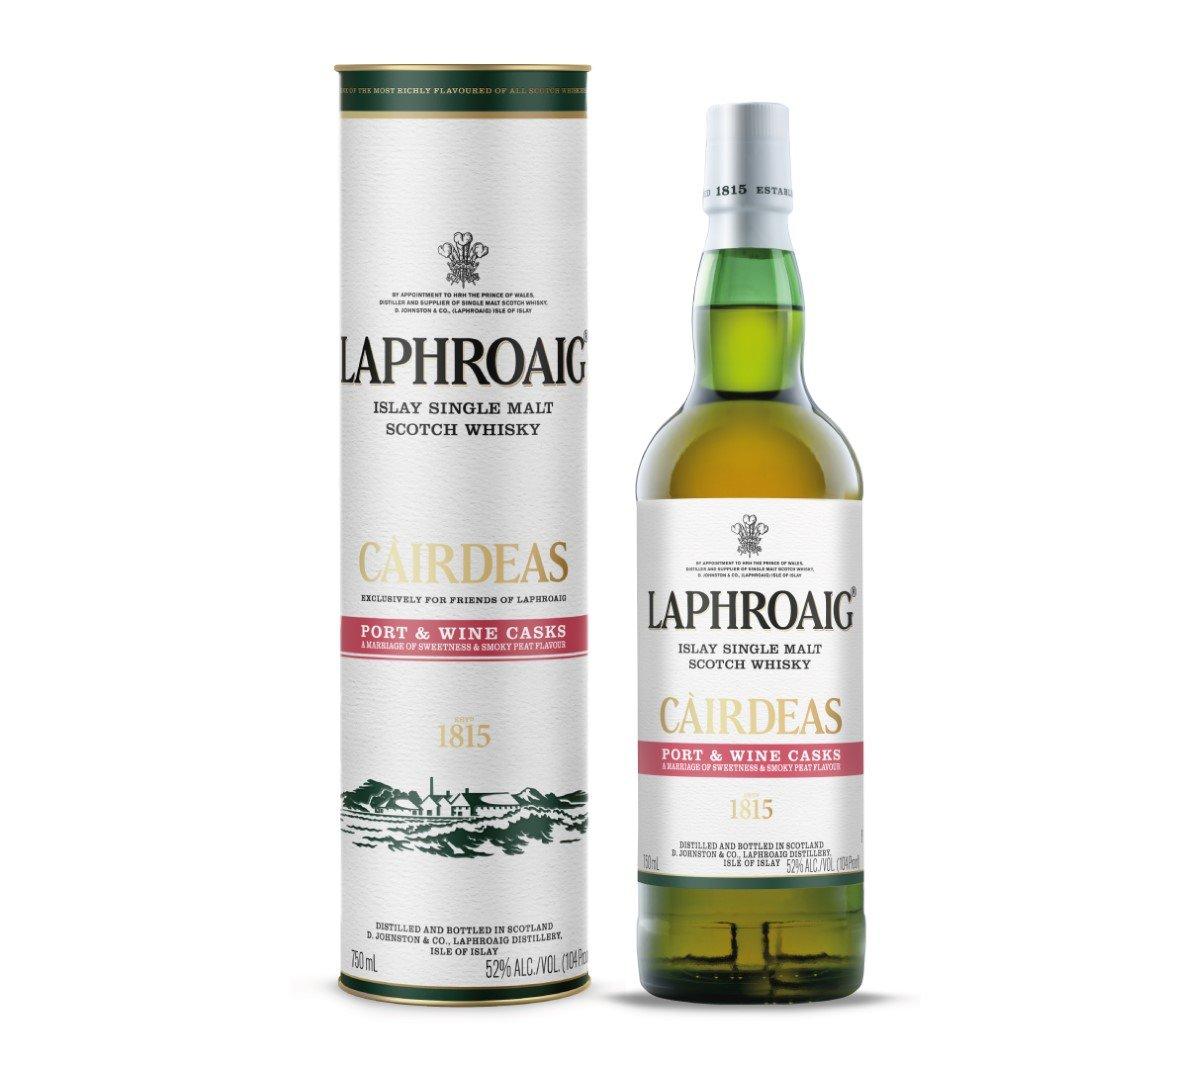 Laphroaig Cairdeas Port & Wine Casks Edition 2020